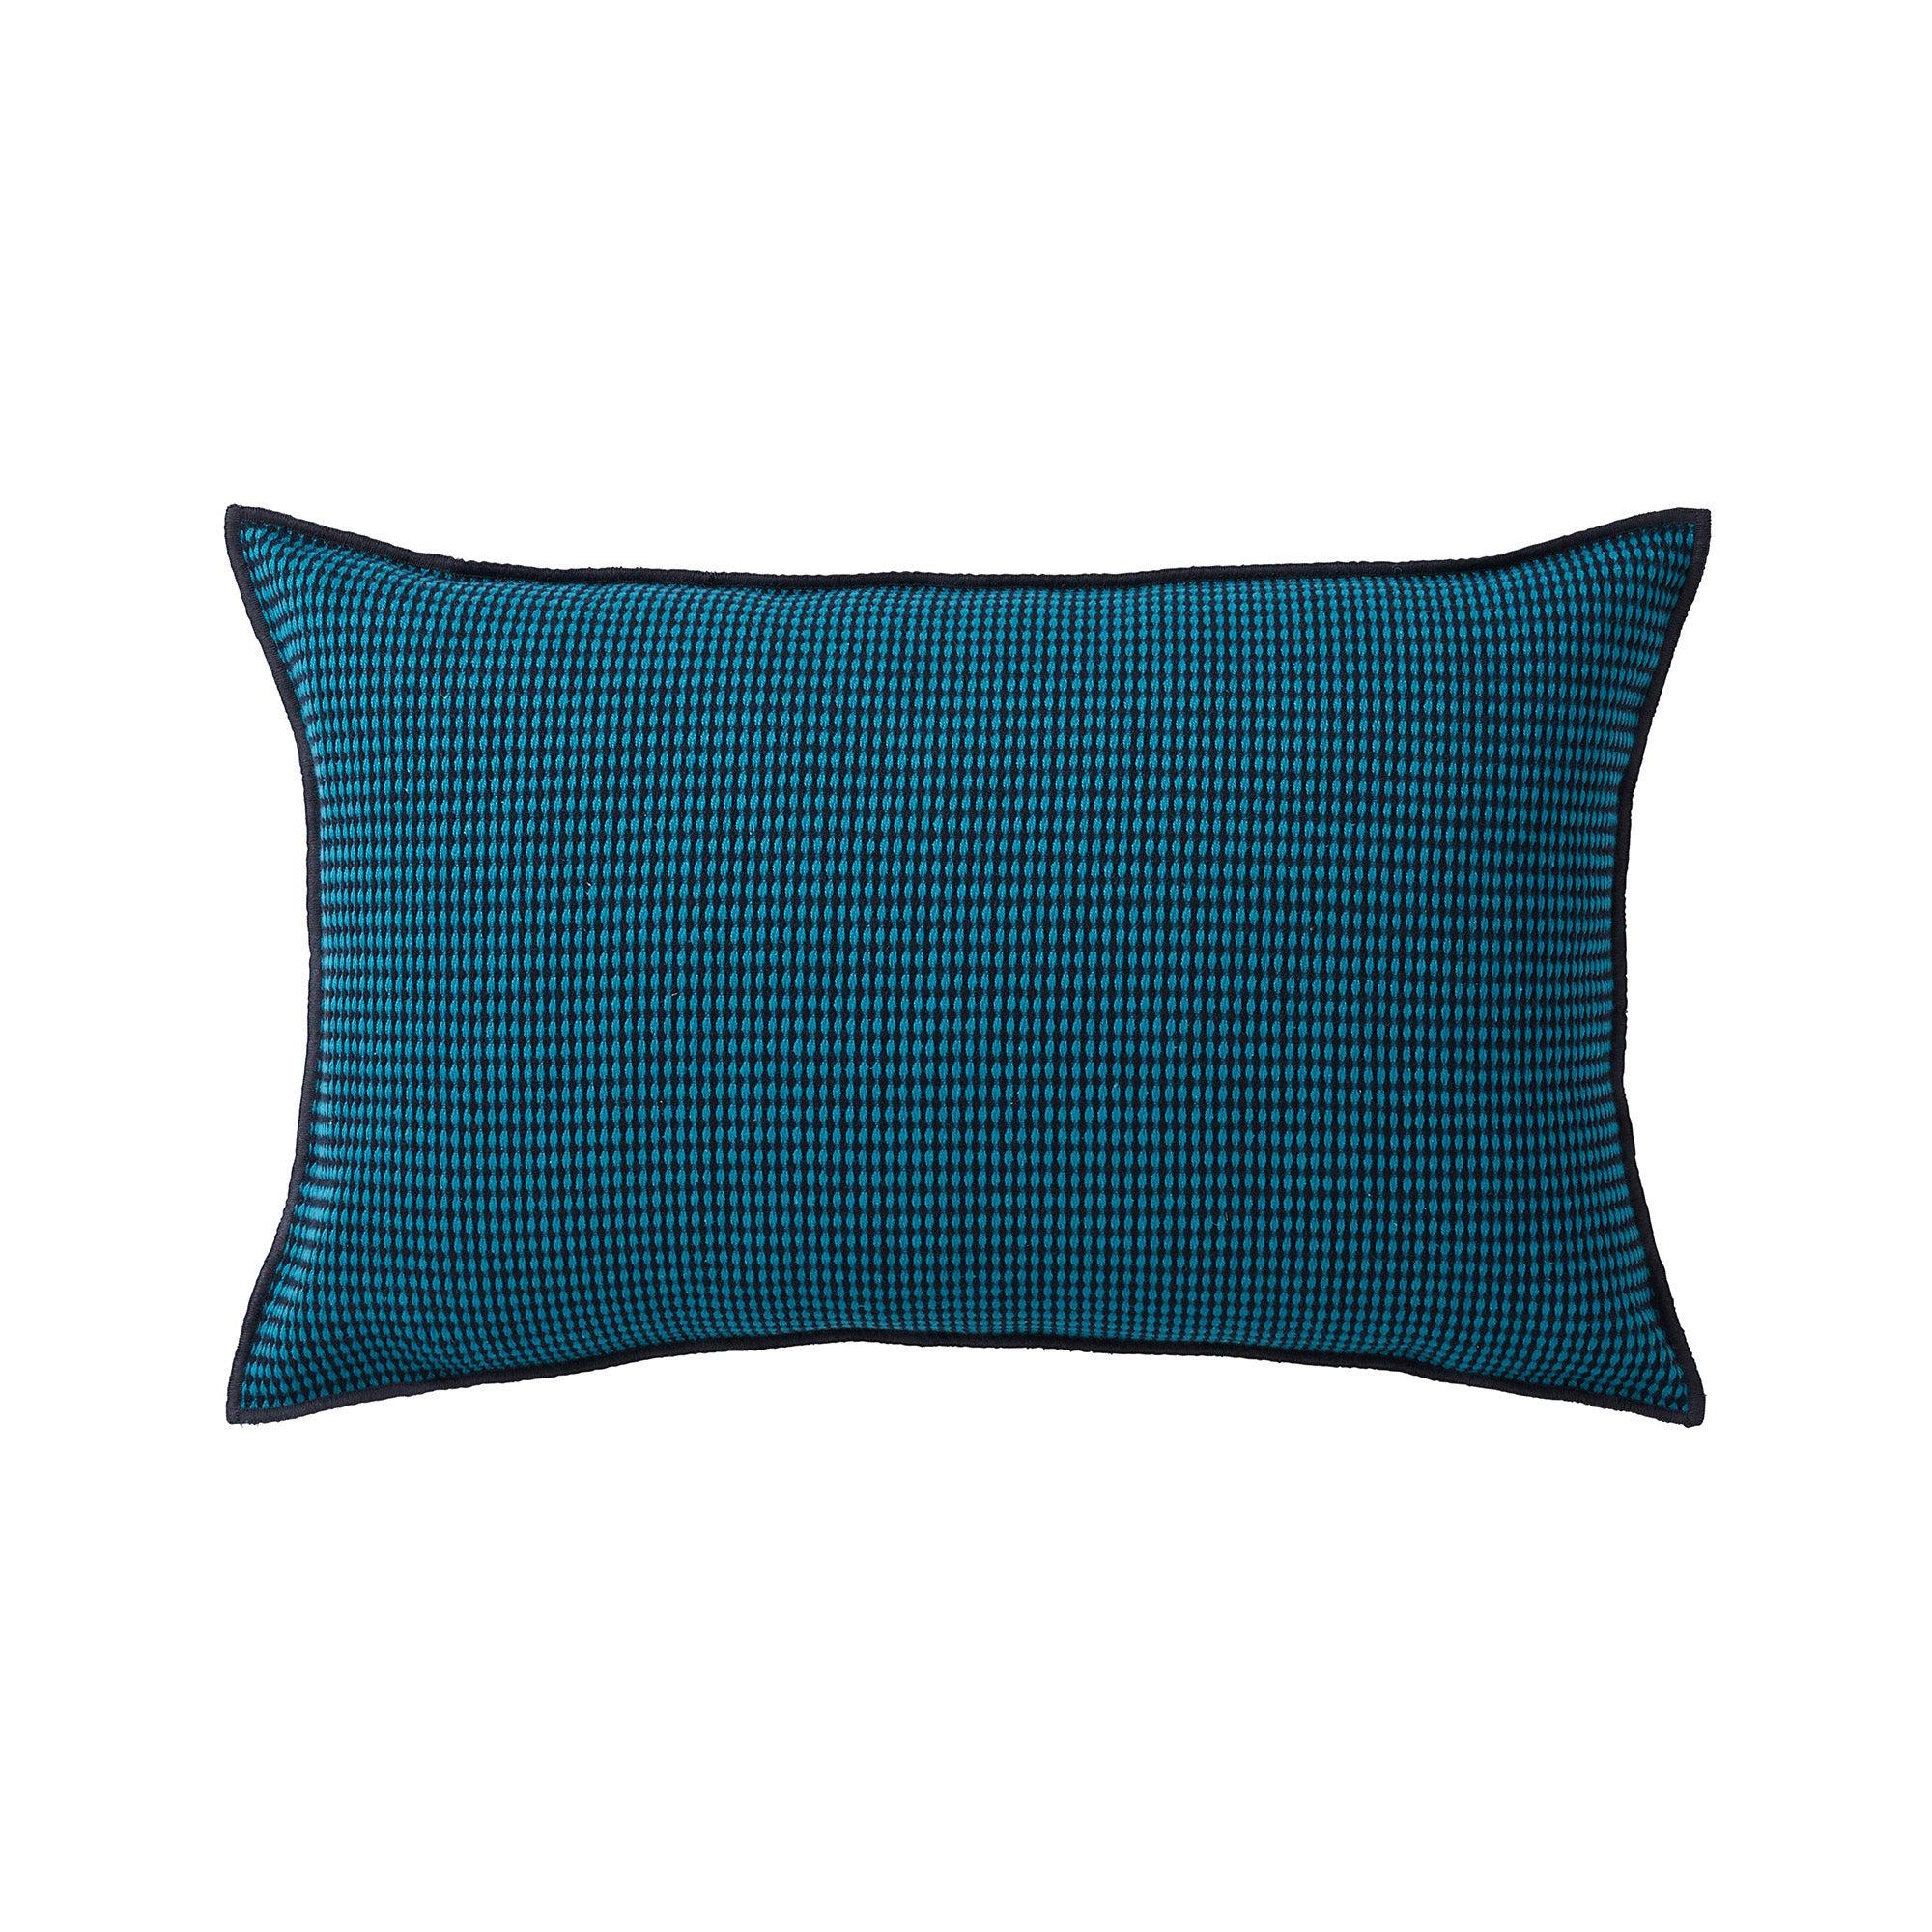 Housse de coussin 40x60 cm Noir et bleu canard